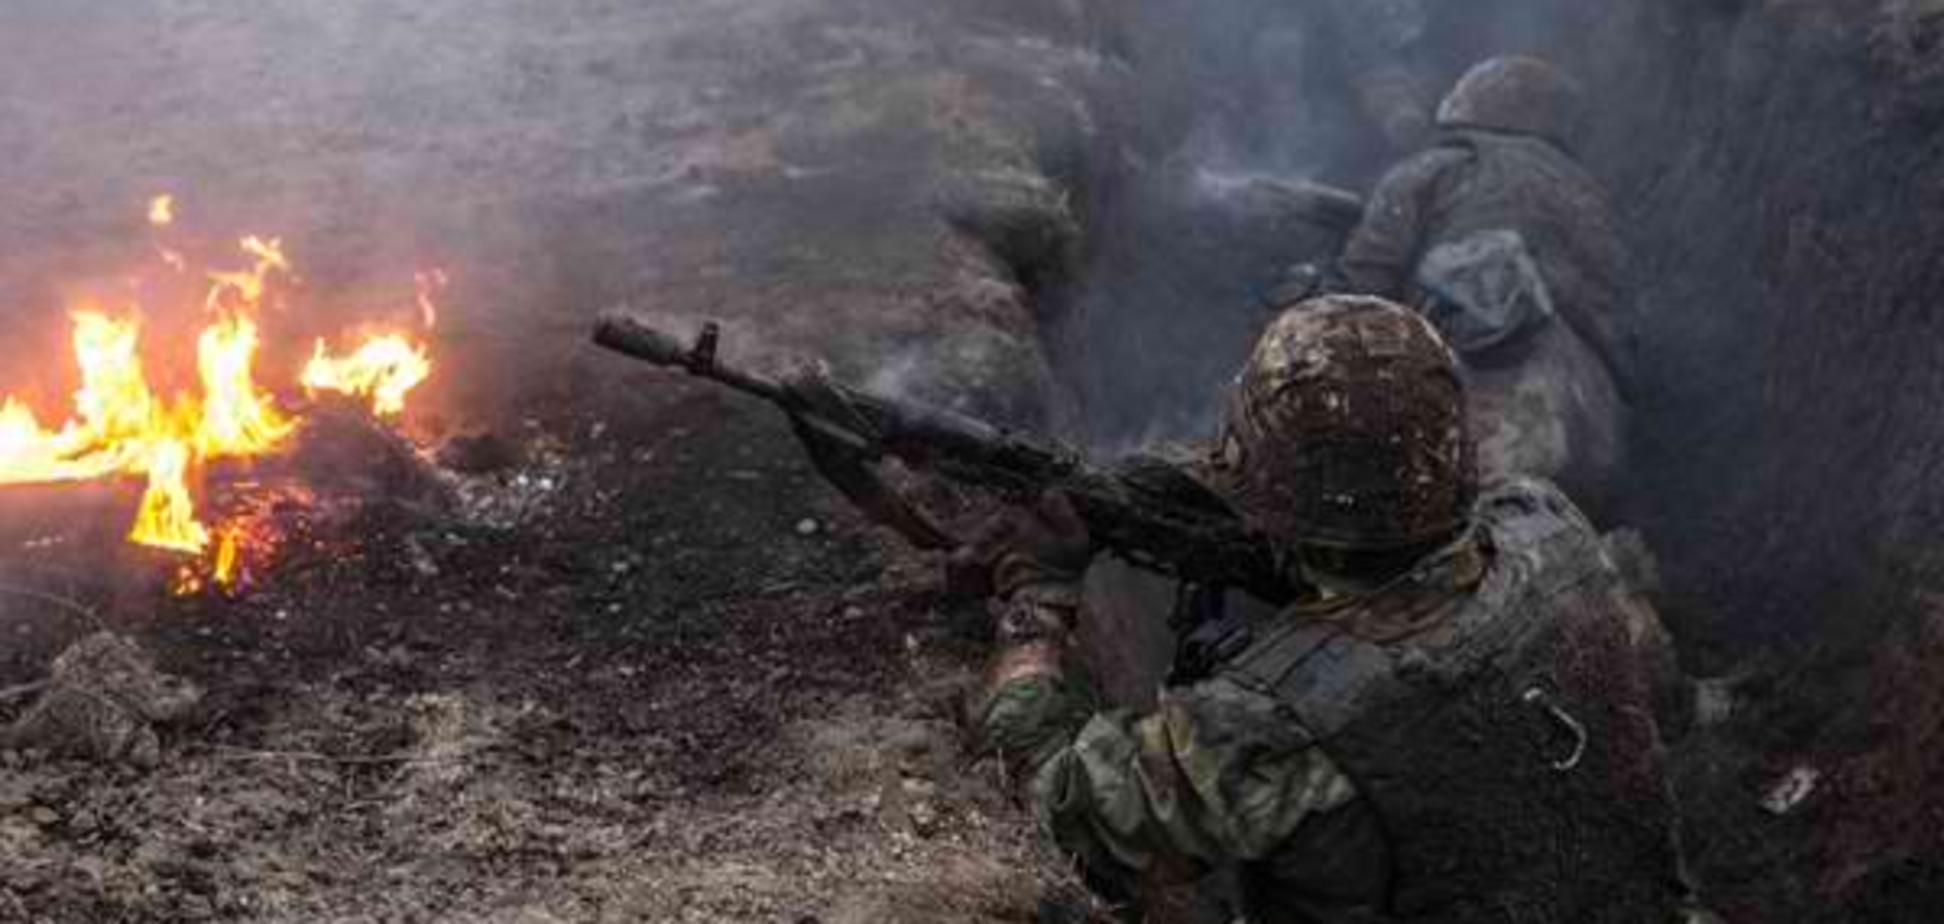 Путин защищает 'русский мир': Бутусов оценил опасность наступления на Донбассе